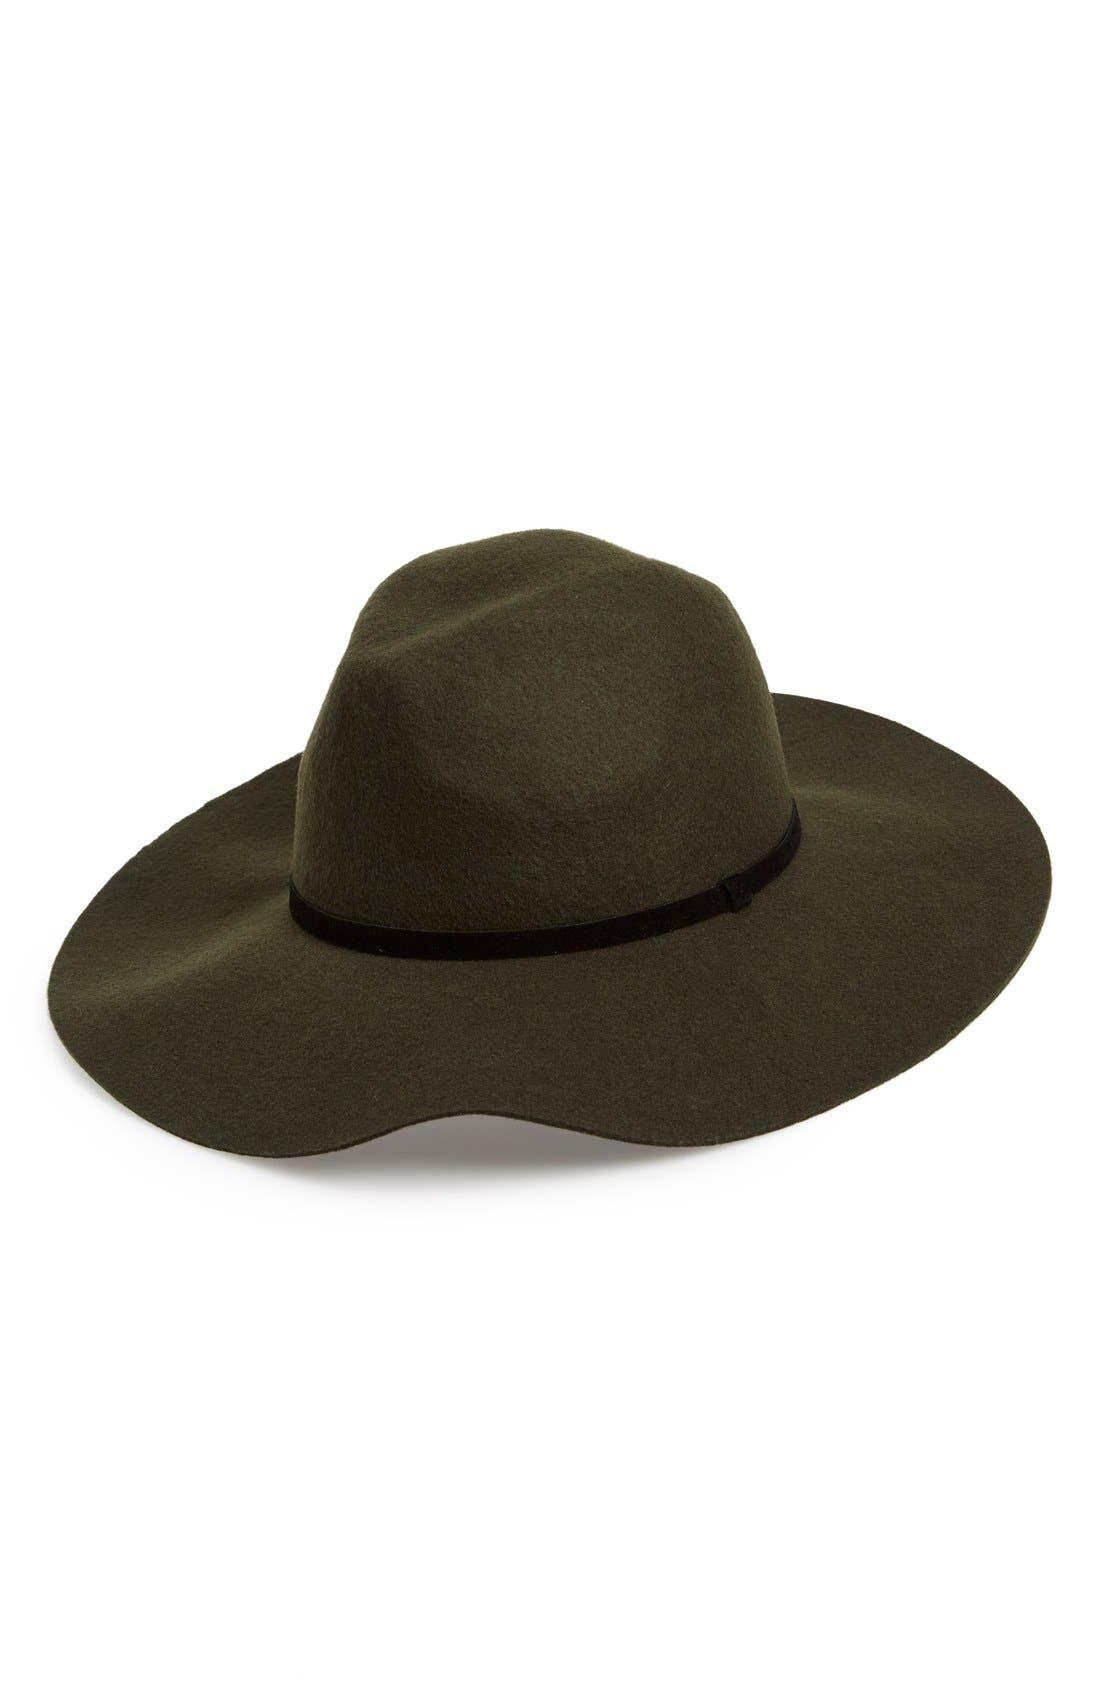 Alternate Image 1 Selected - BP. Floppy Wool Hat